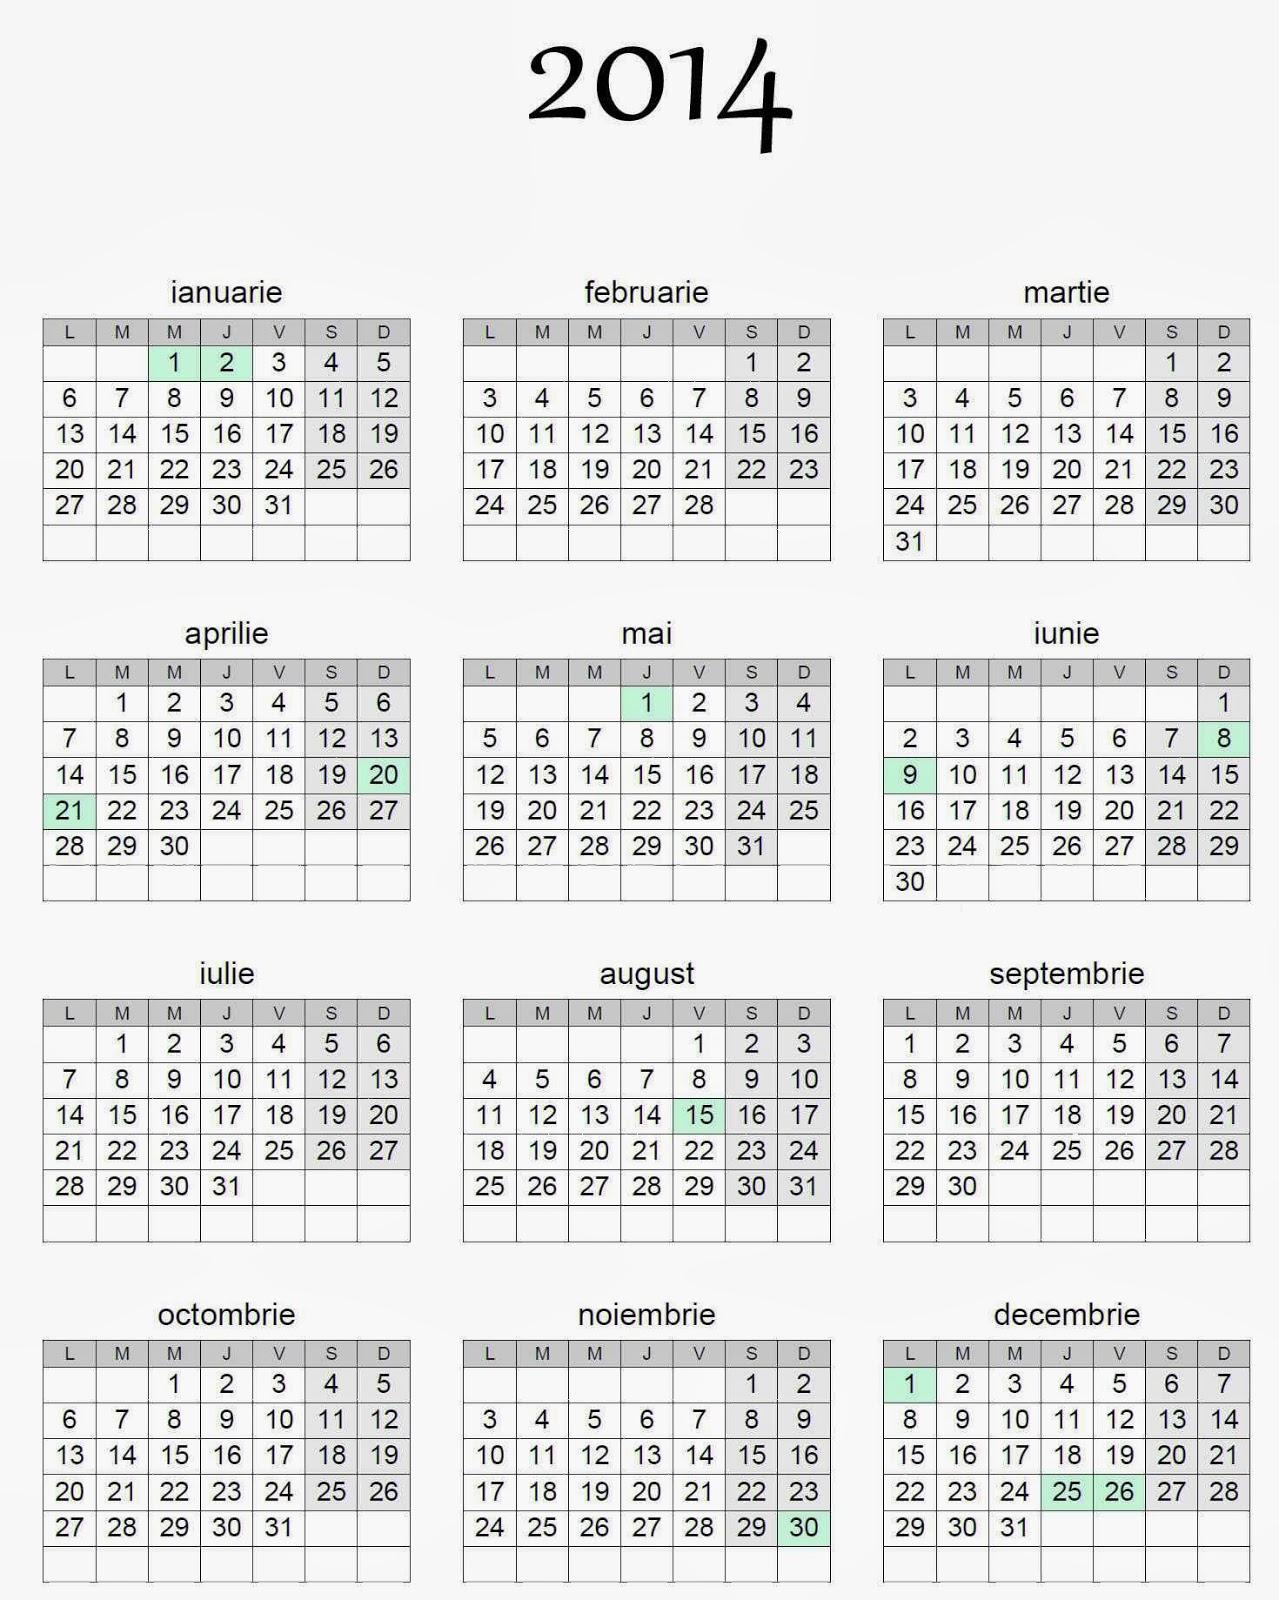 CALENDAR 2014 ROMANESC PRINTABIL DOWNLOAD